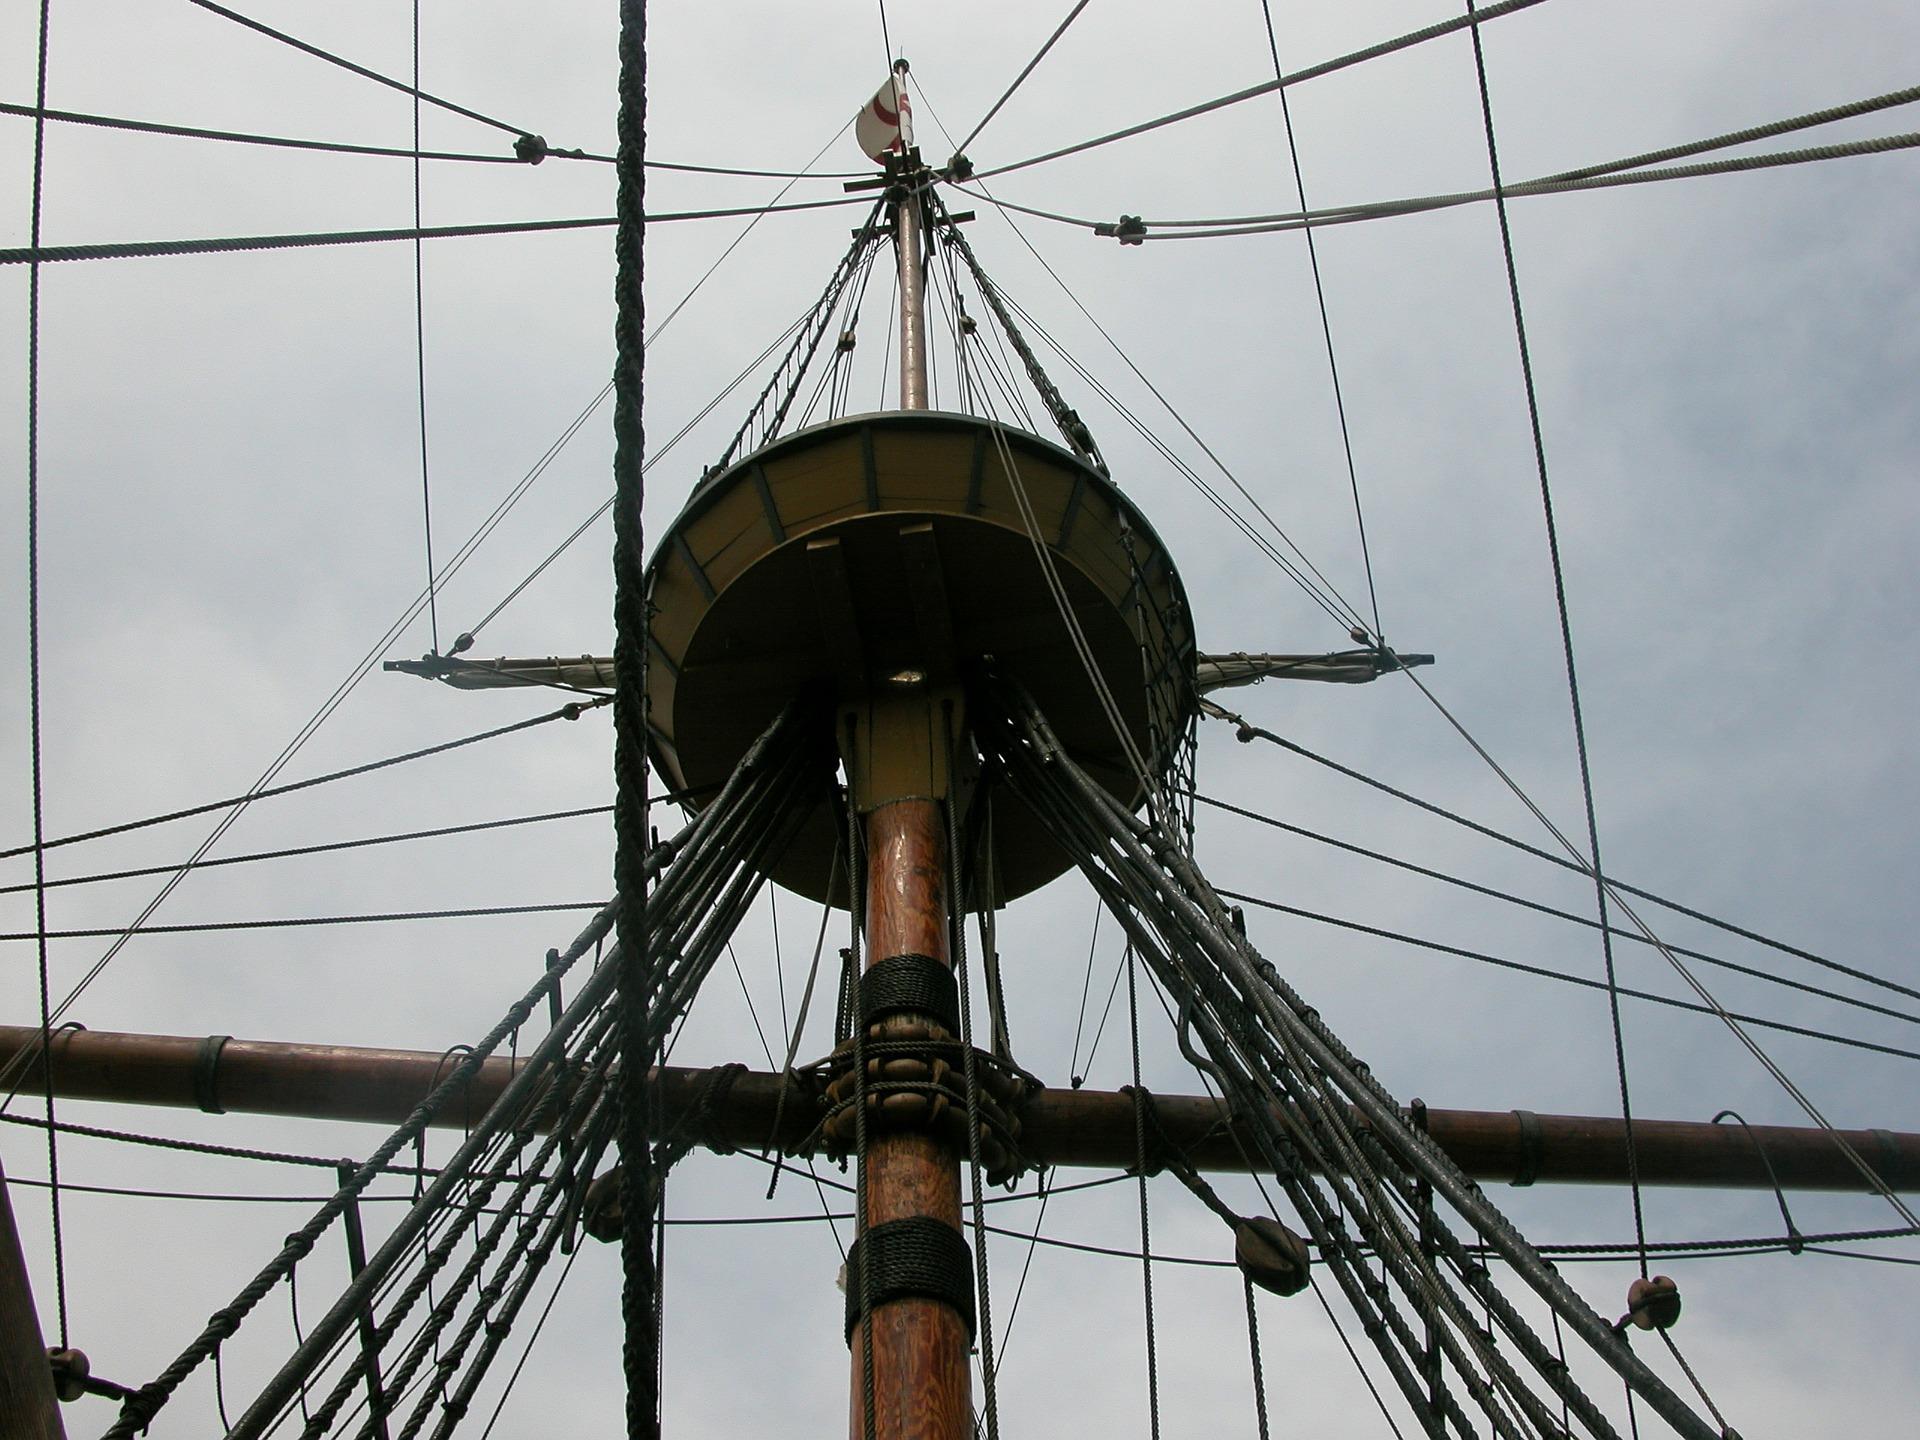 Mayflower II